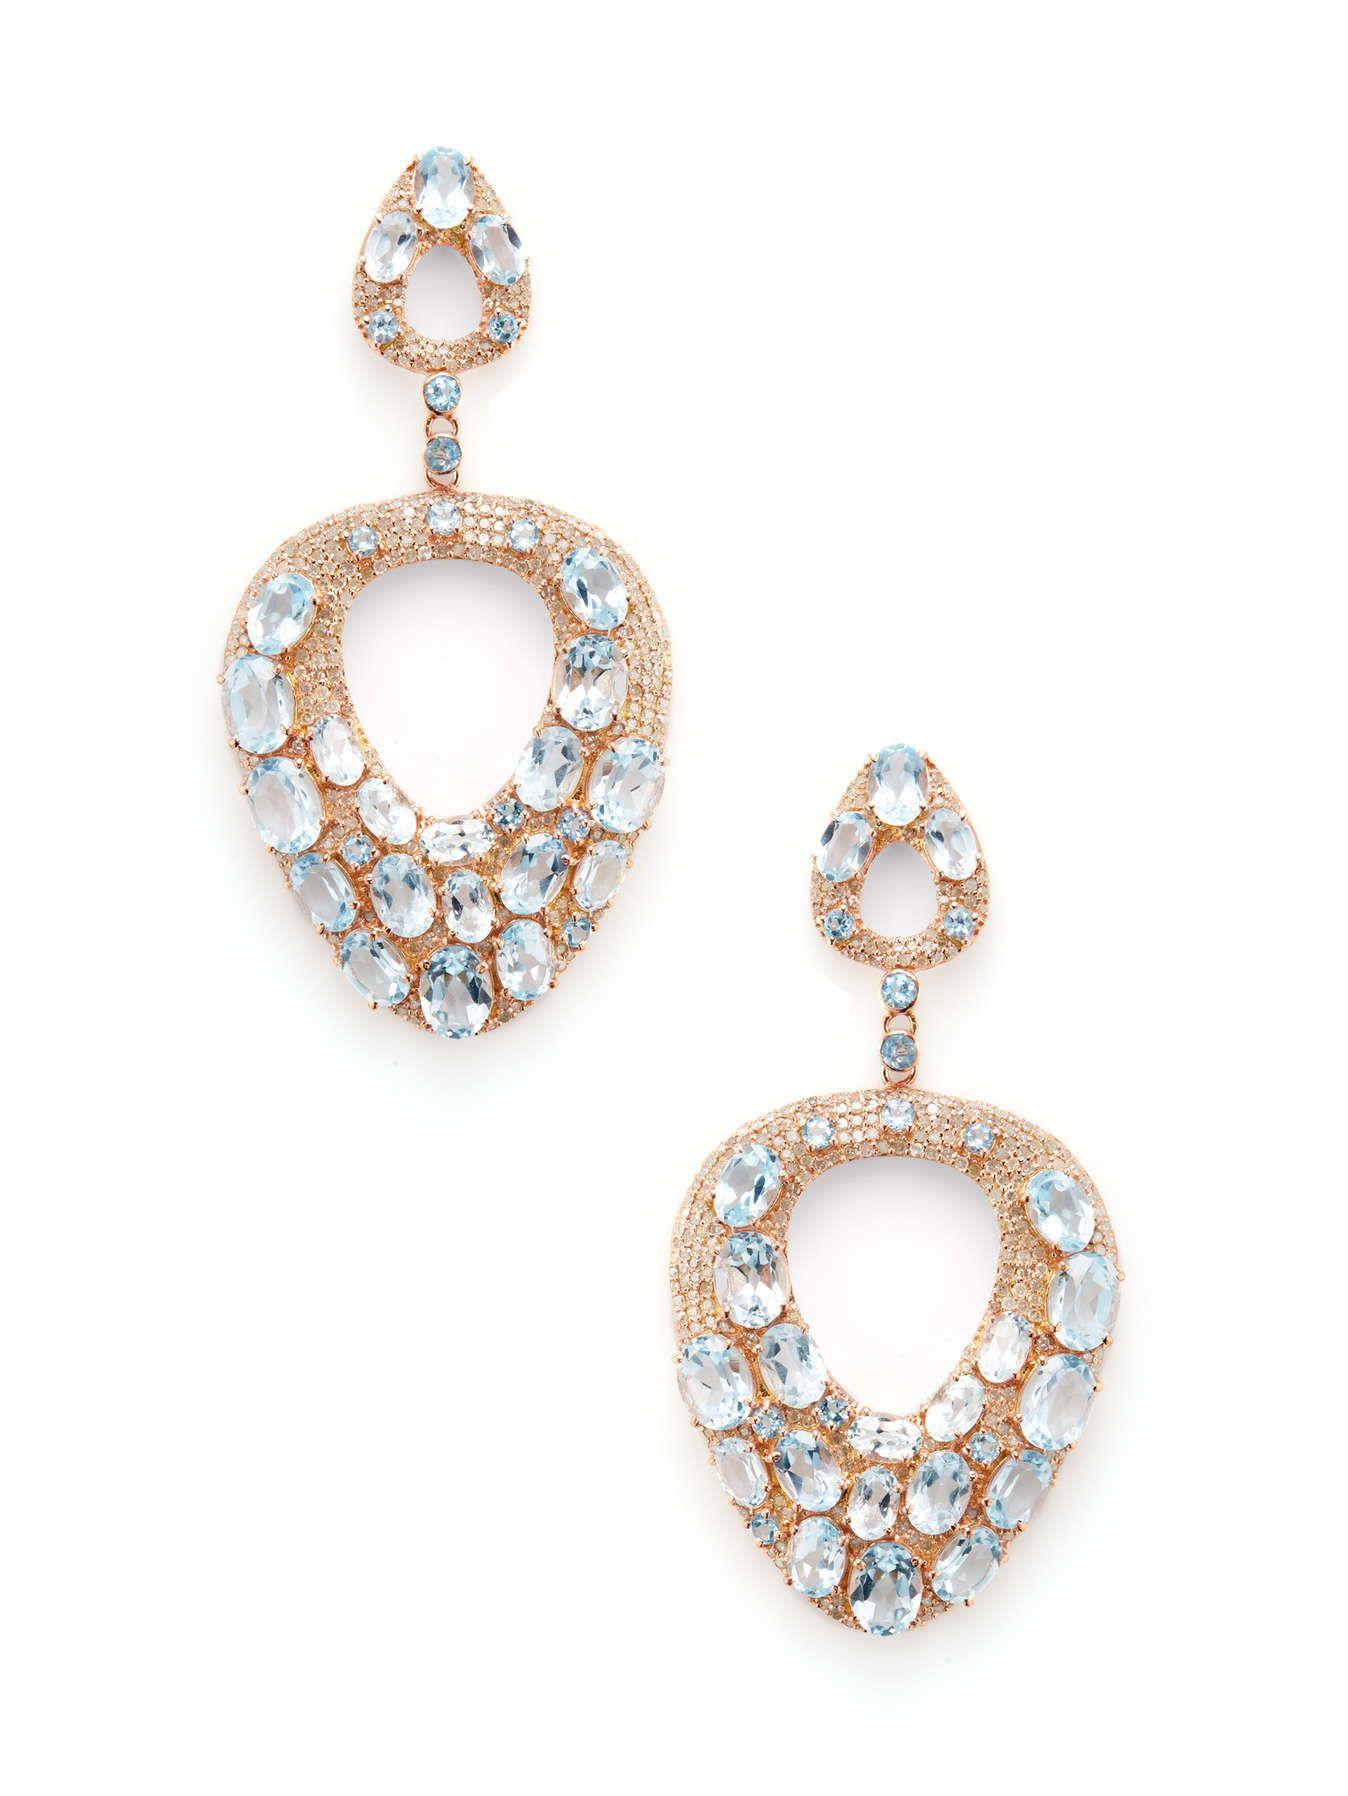 Pave Diamond & Topaz Open Teardrop Earrings | Jennifer ...